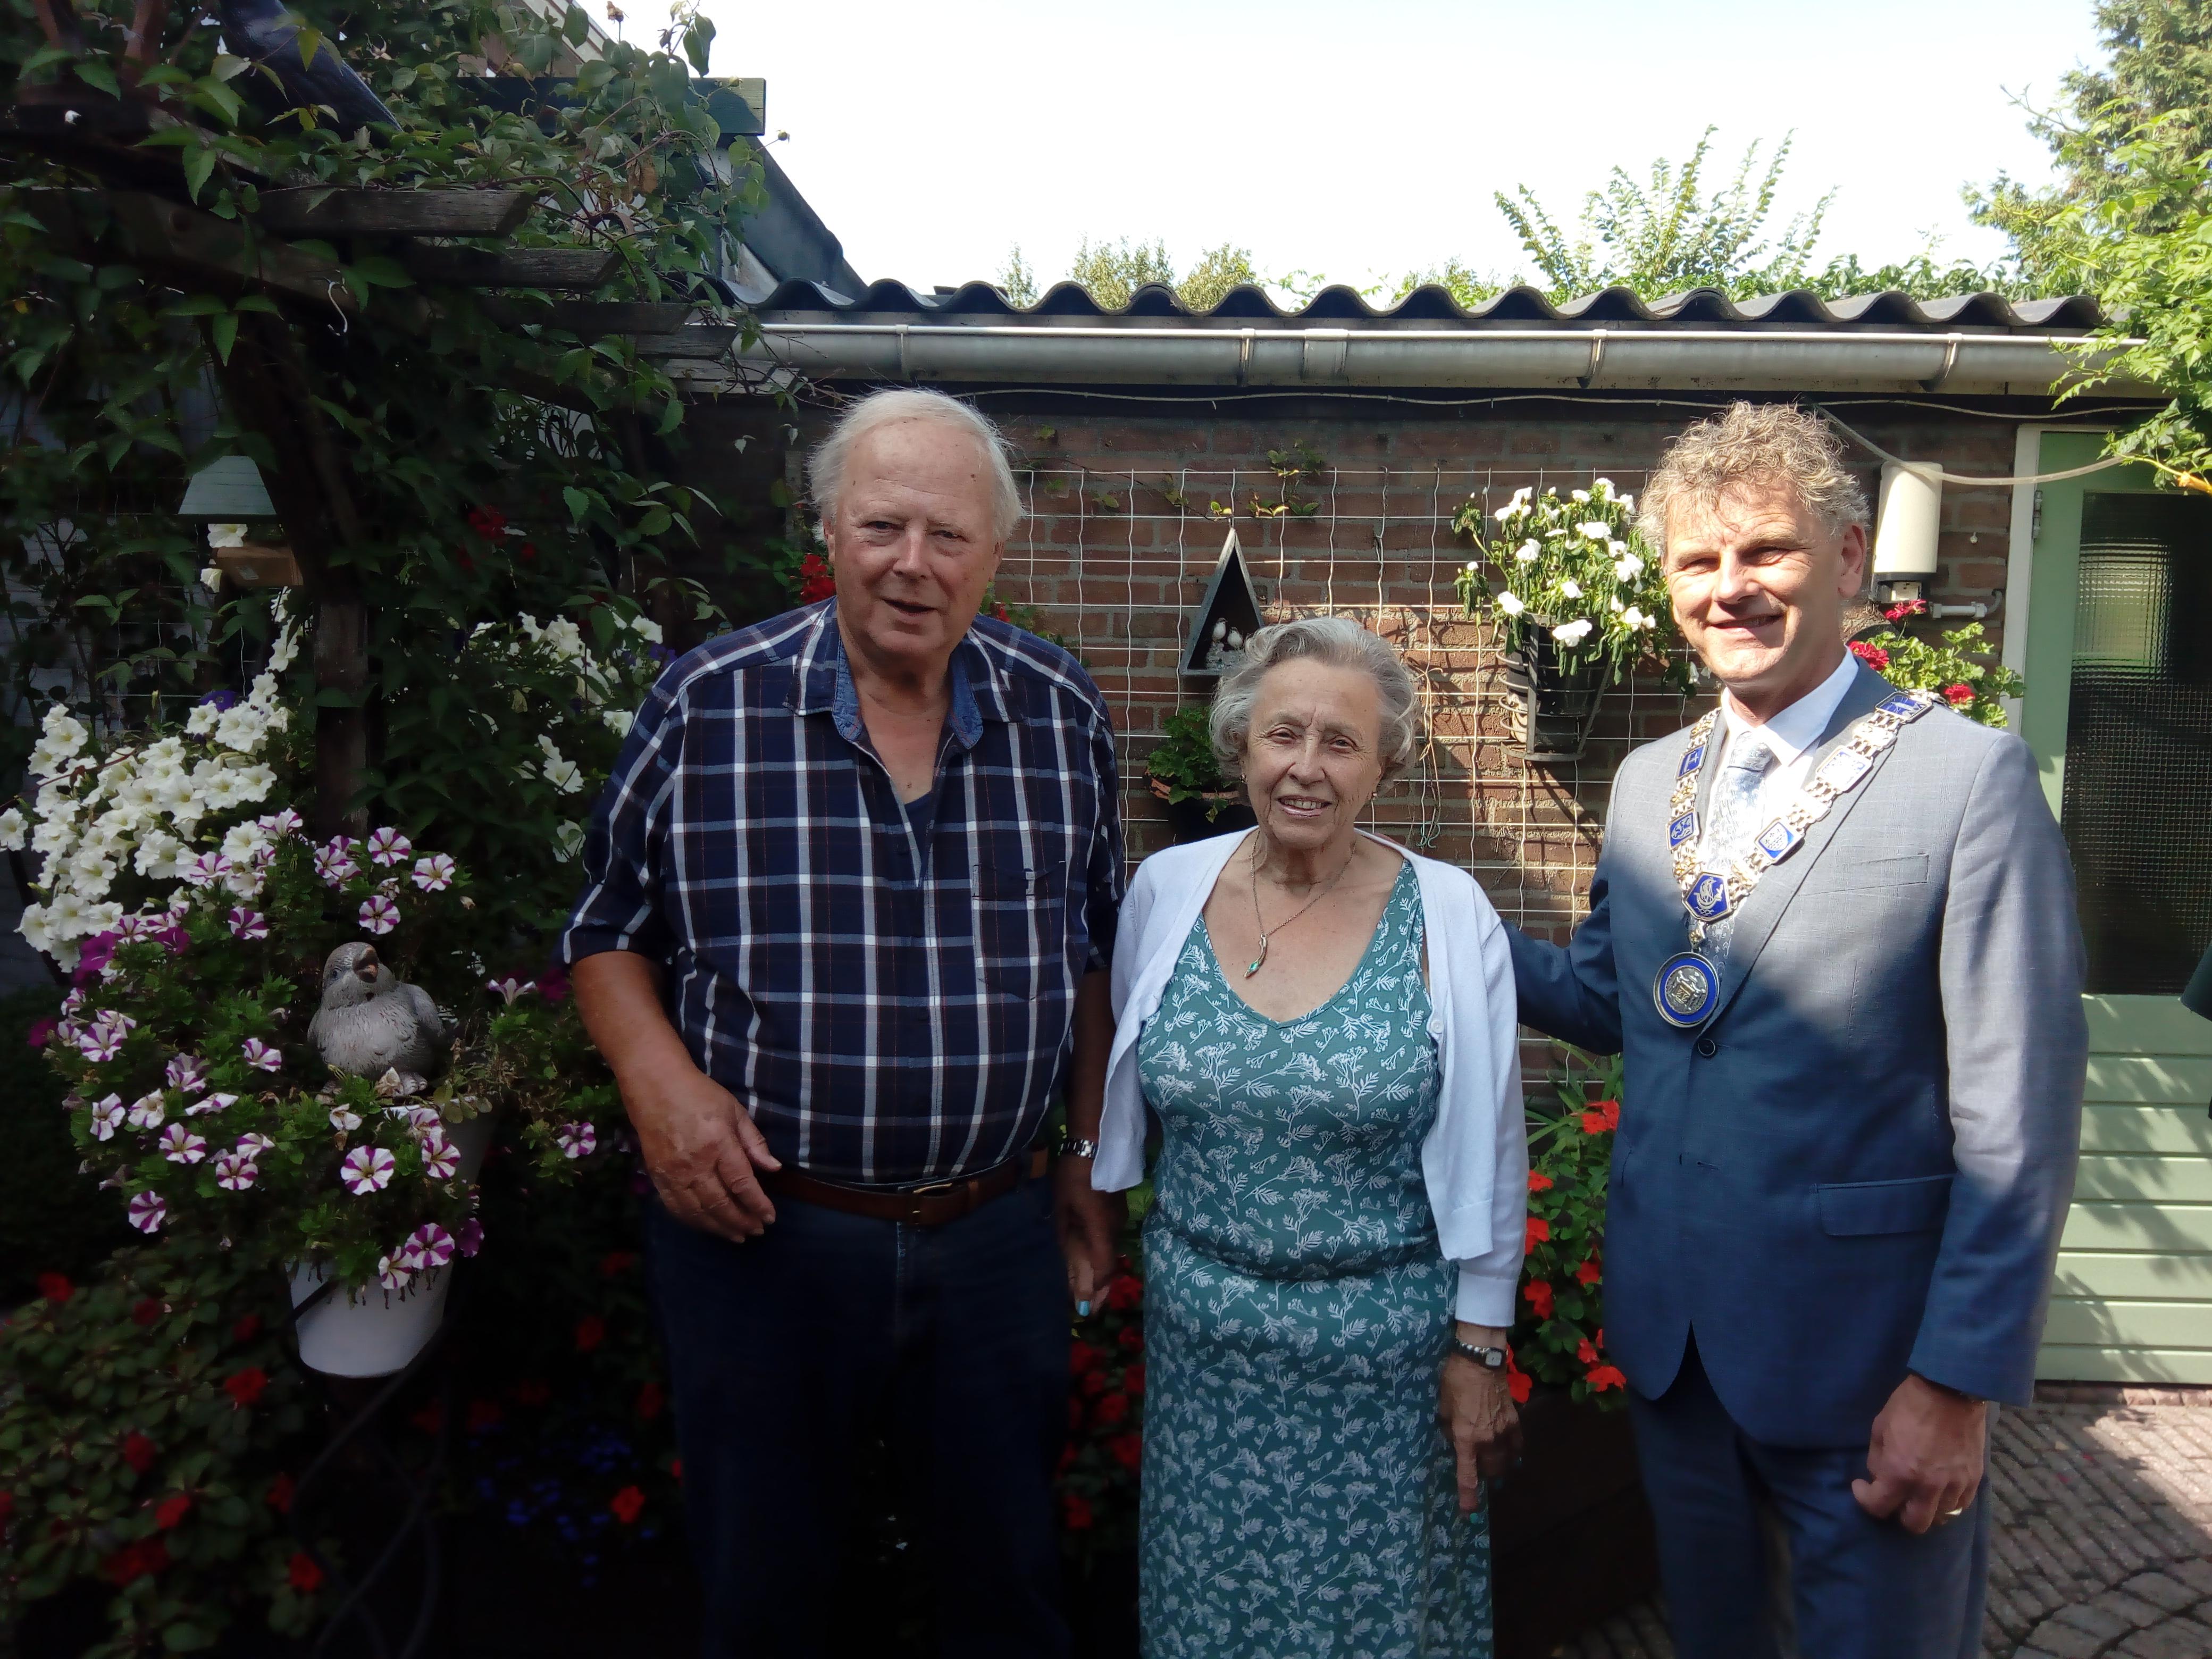 Het echtpaar Duijker-Wadsley. (Foto: Bos Media Services)